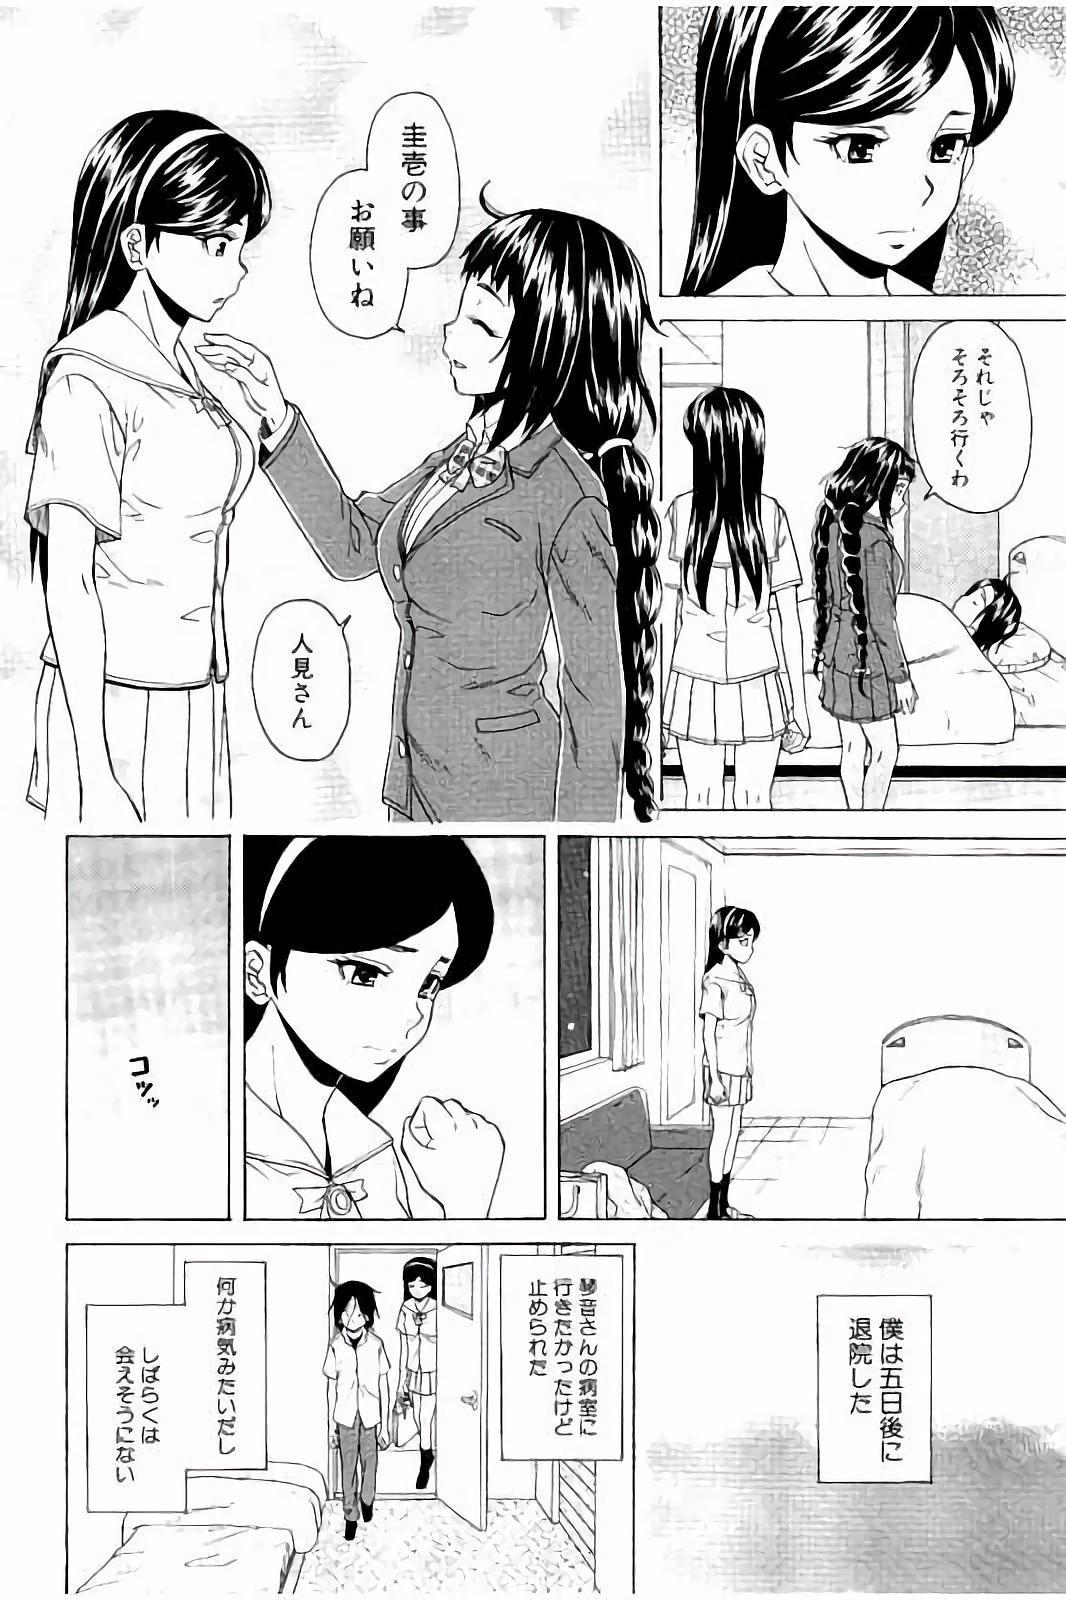 Ane no Himitsu To Boku no Jisatsu 169